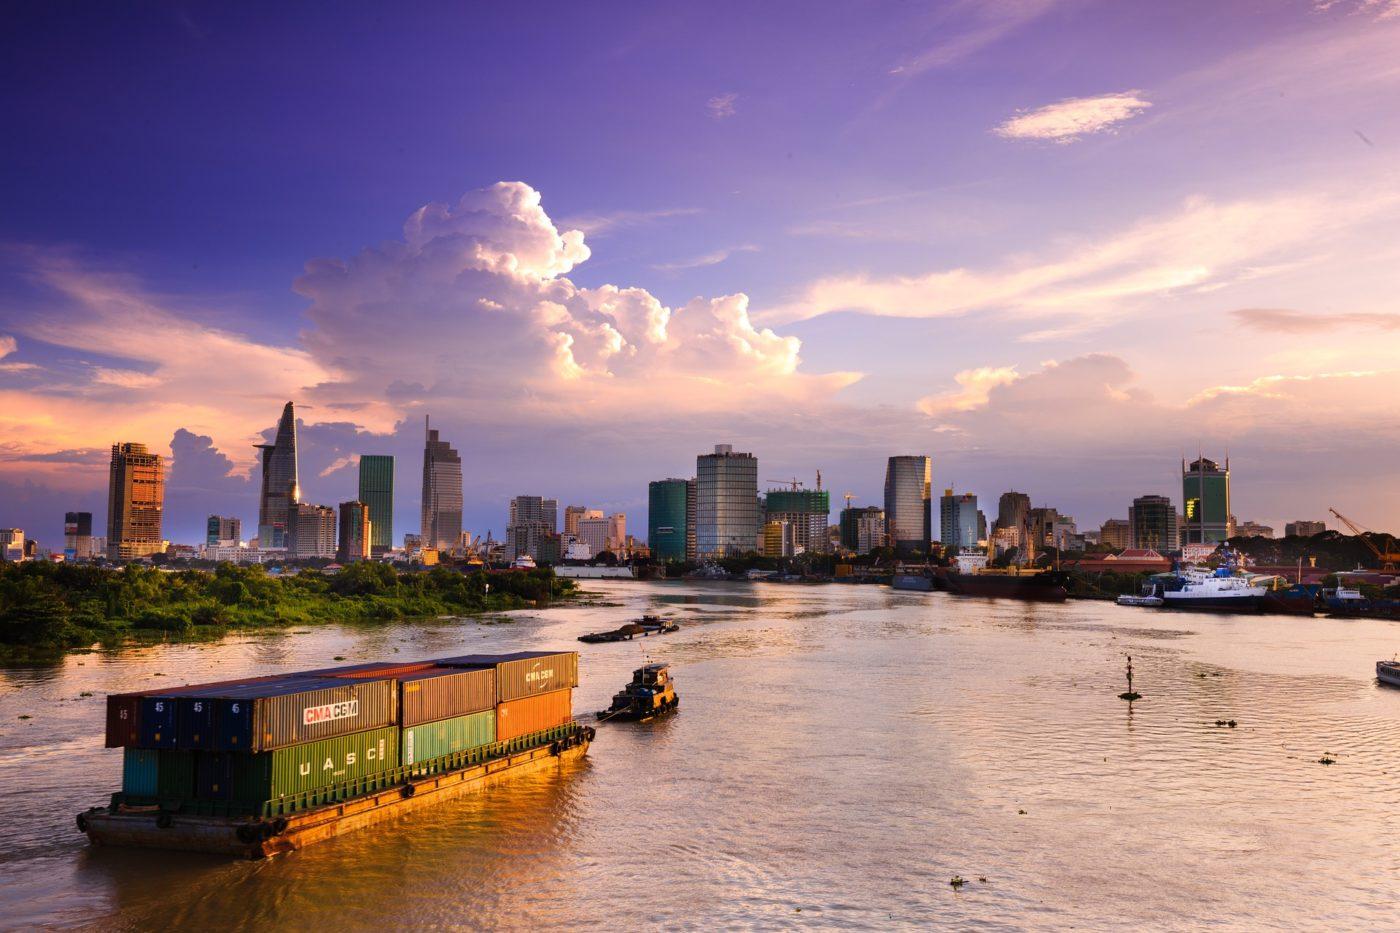 業者憂心貿易戰砸錢遷廠,越南 GDP 衝 8 年高